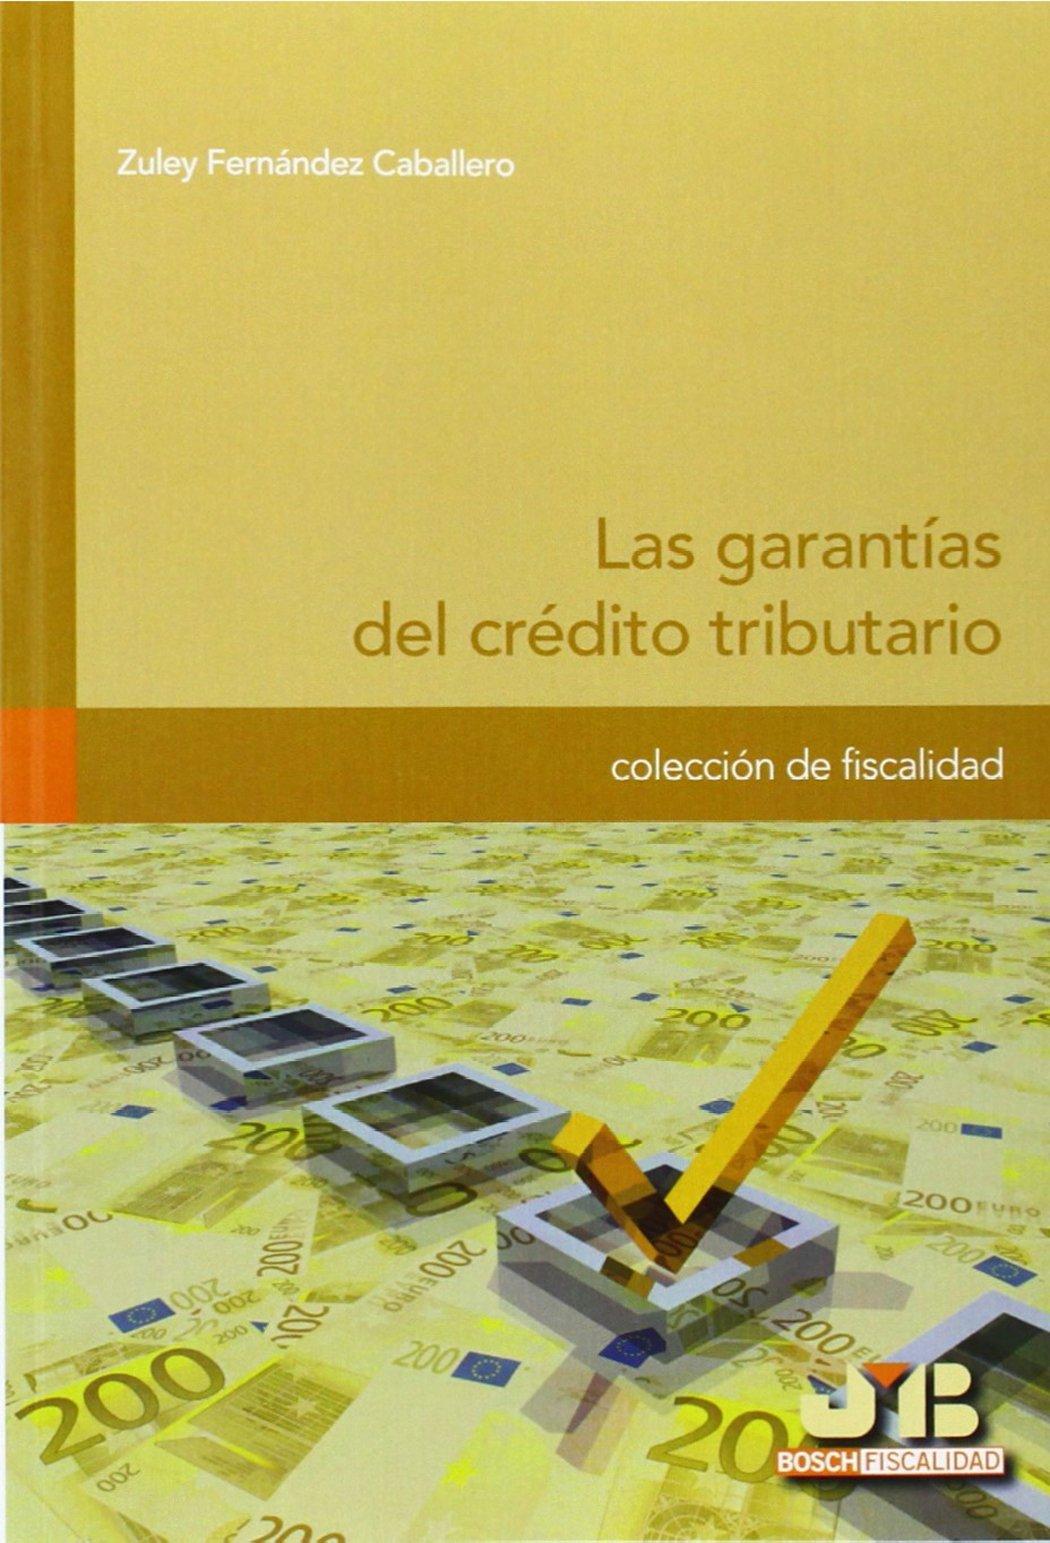 Las garantías del crédito tributario Bosch Fiscalidad: Amazon.es: Zuley Fernández Caballero: Libros